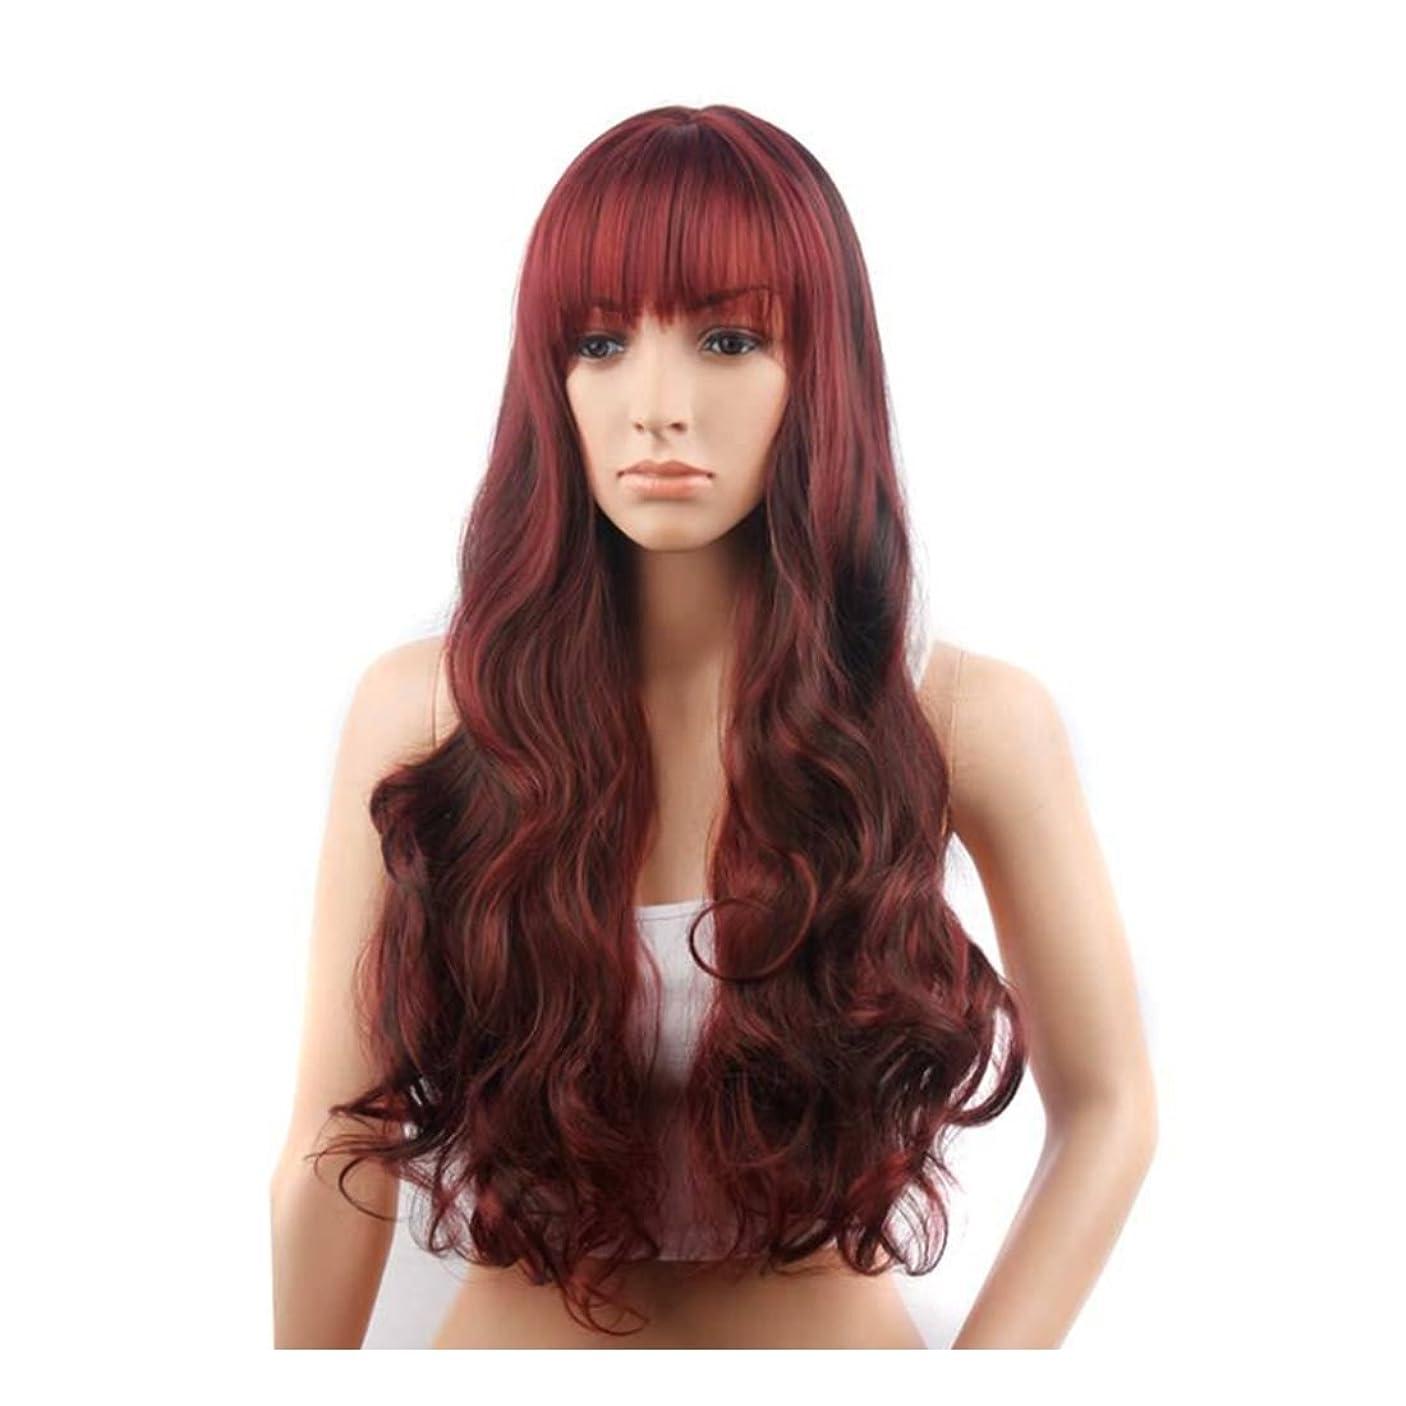 債務減衰価格Koloeplf 女性のための長いカーリーウィッグとトウモロコシフラットバンズとフェイスウィッグを変更25inchの長さのための髪の耐熱ウィッグ(ワインレッド) (Color : Wine red)